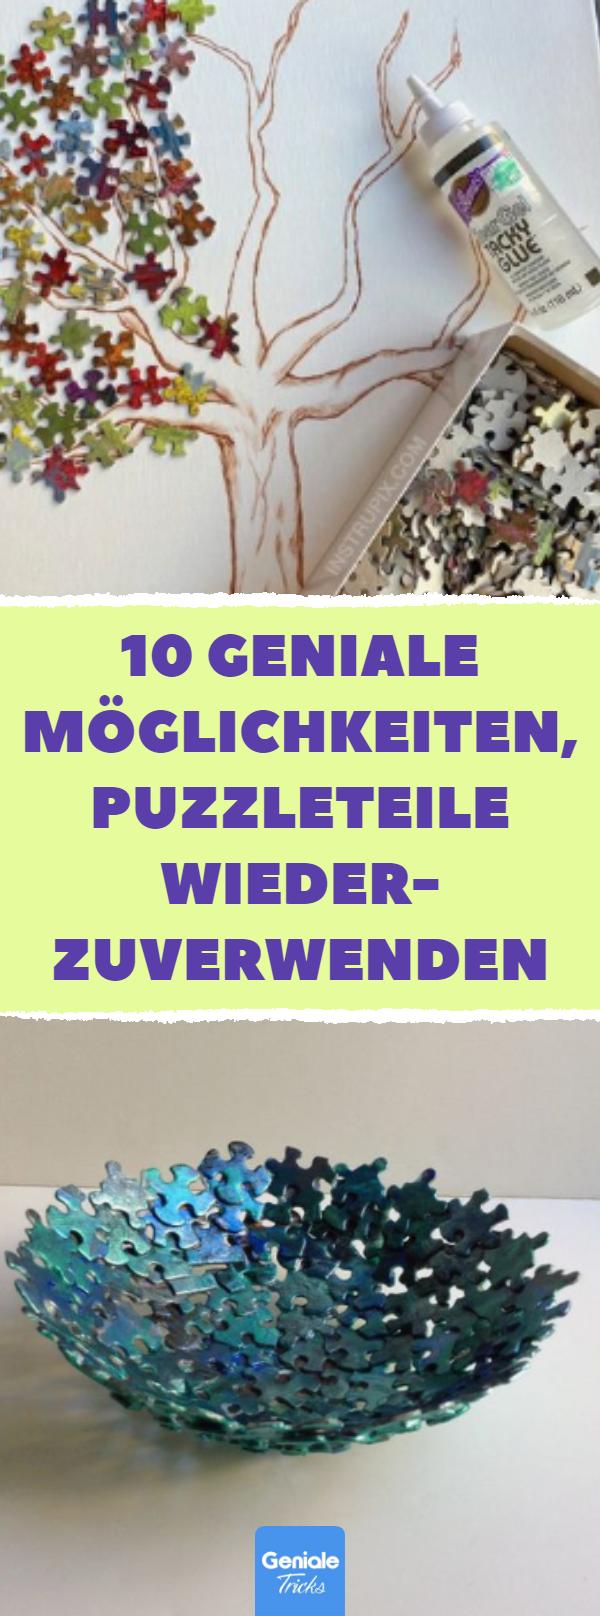 10 geniale Möglichkeiten, Puzzleteile wiederzuverwenden